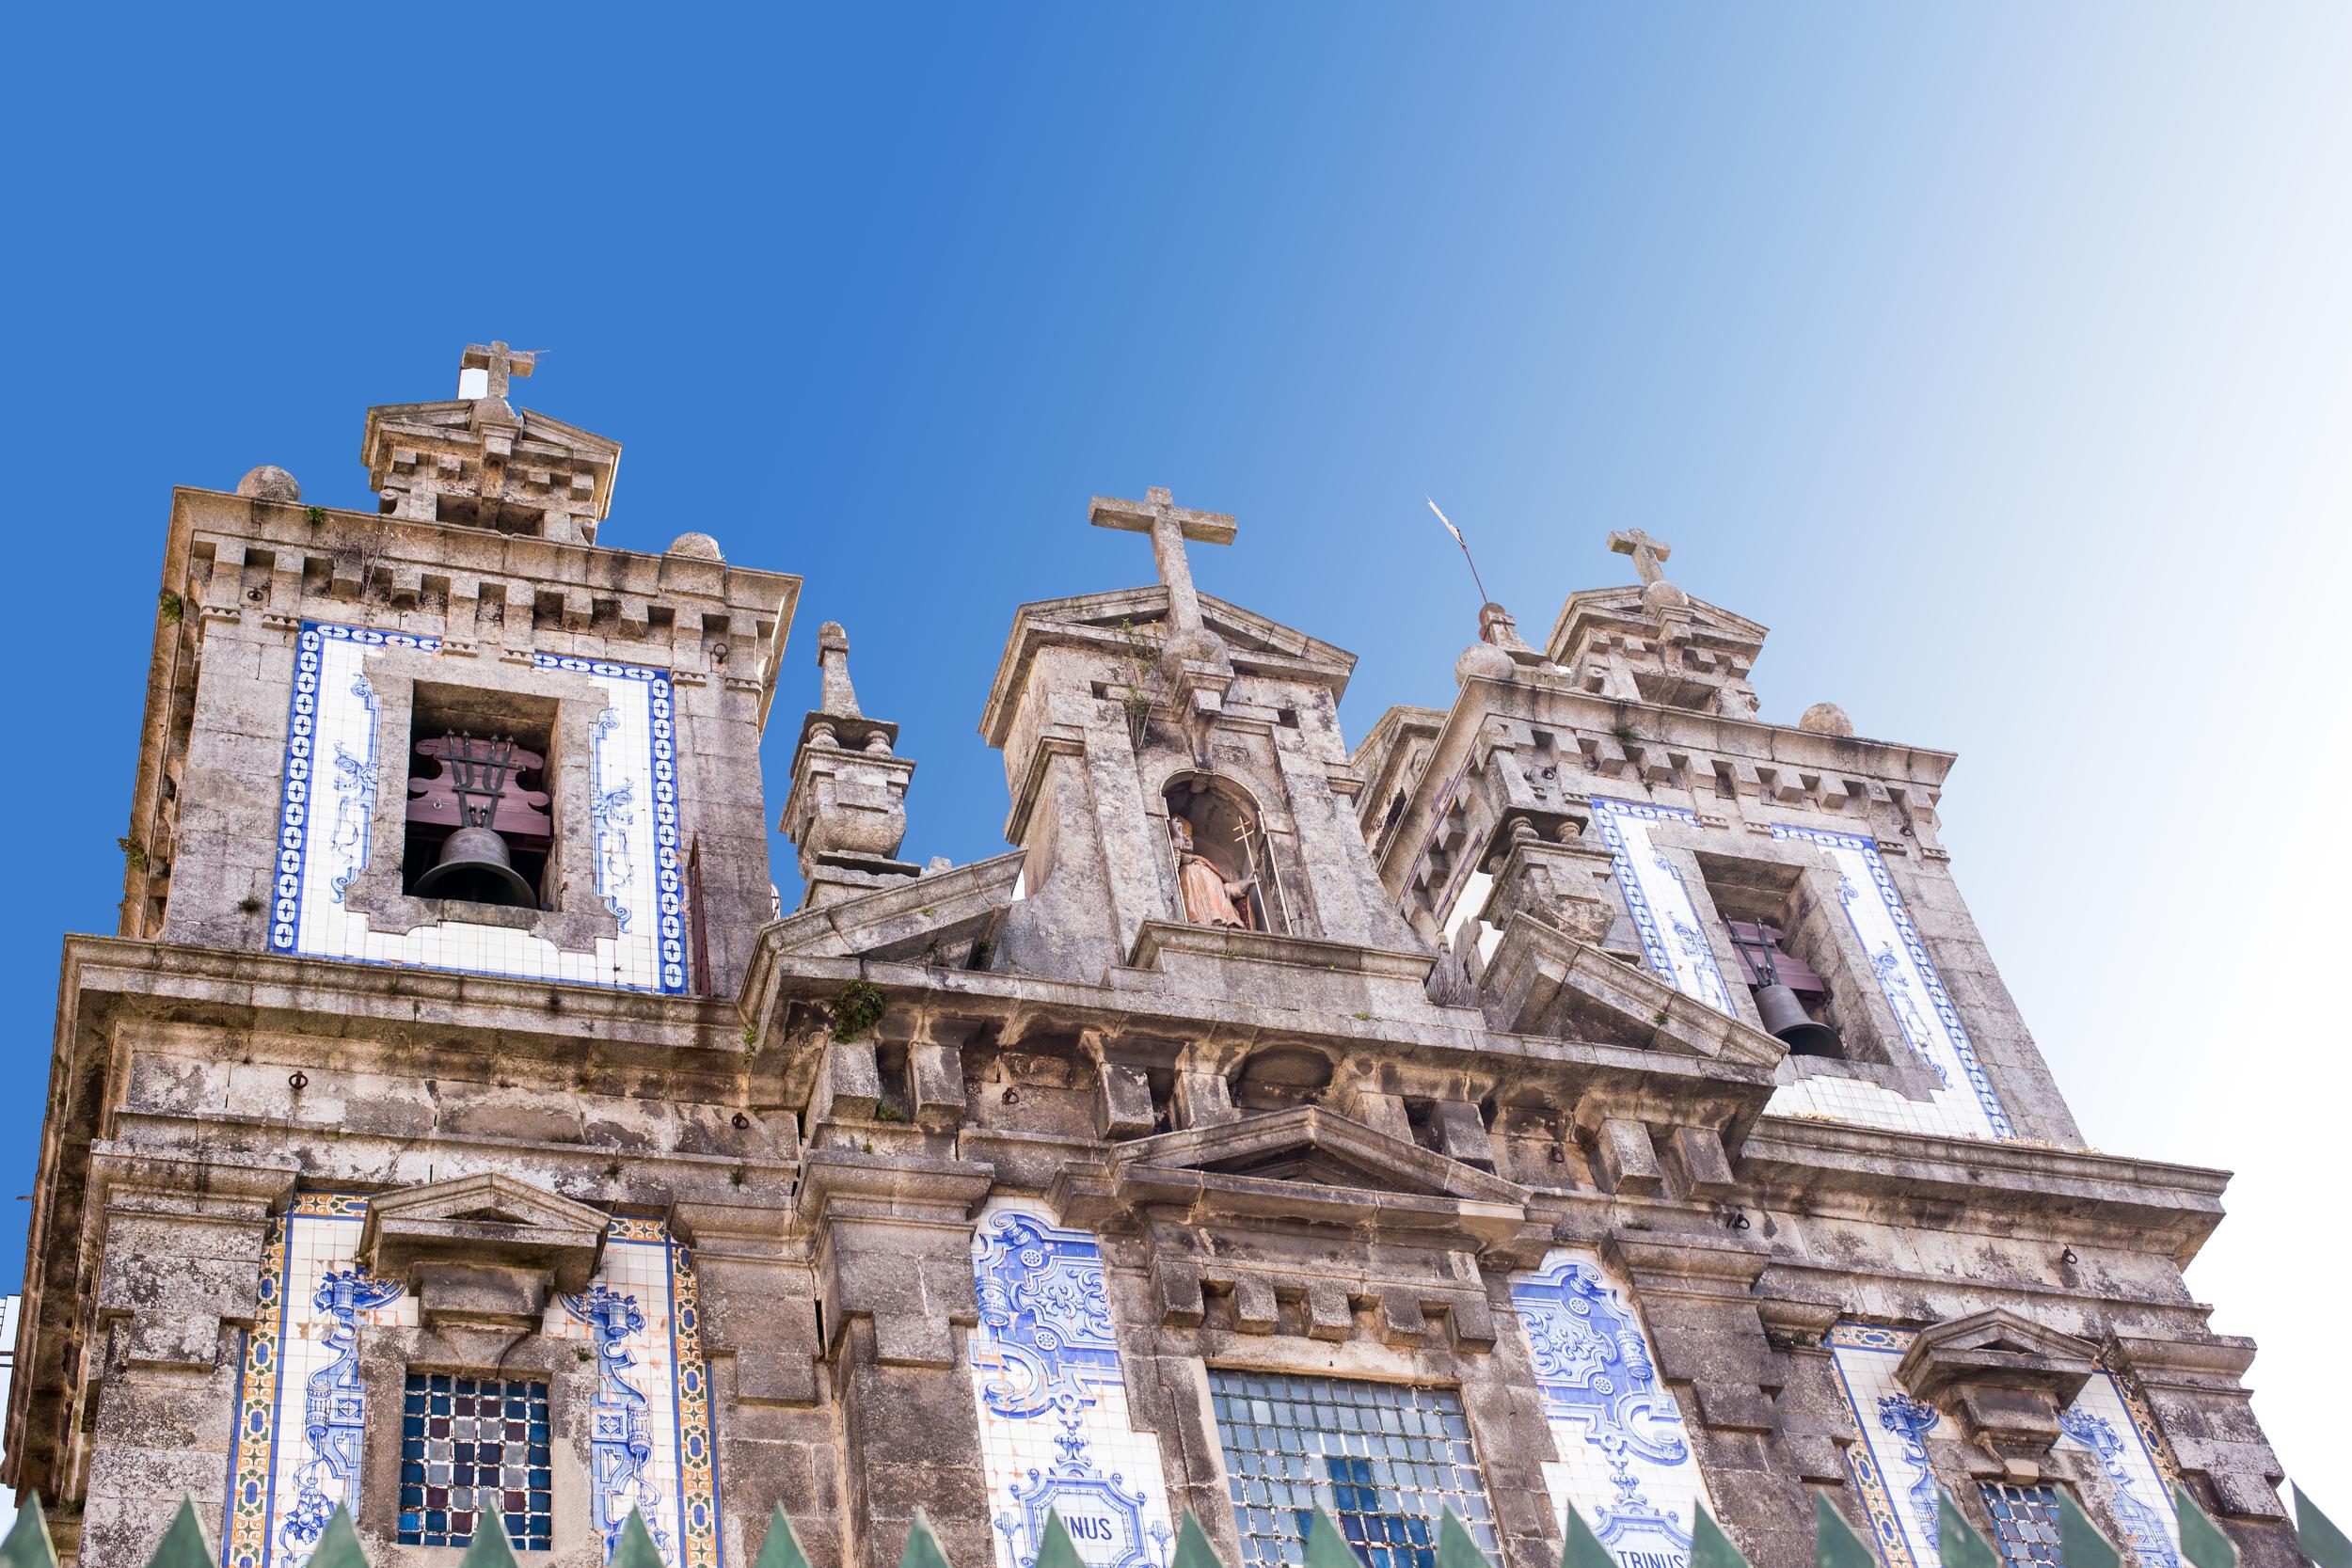 Igreja_santo_ildefonso.jpg